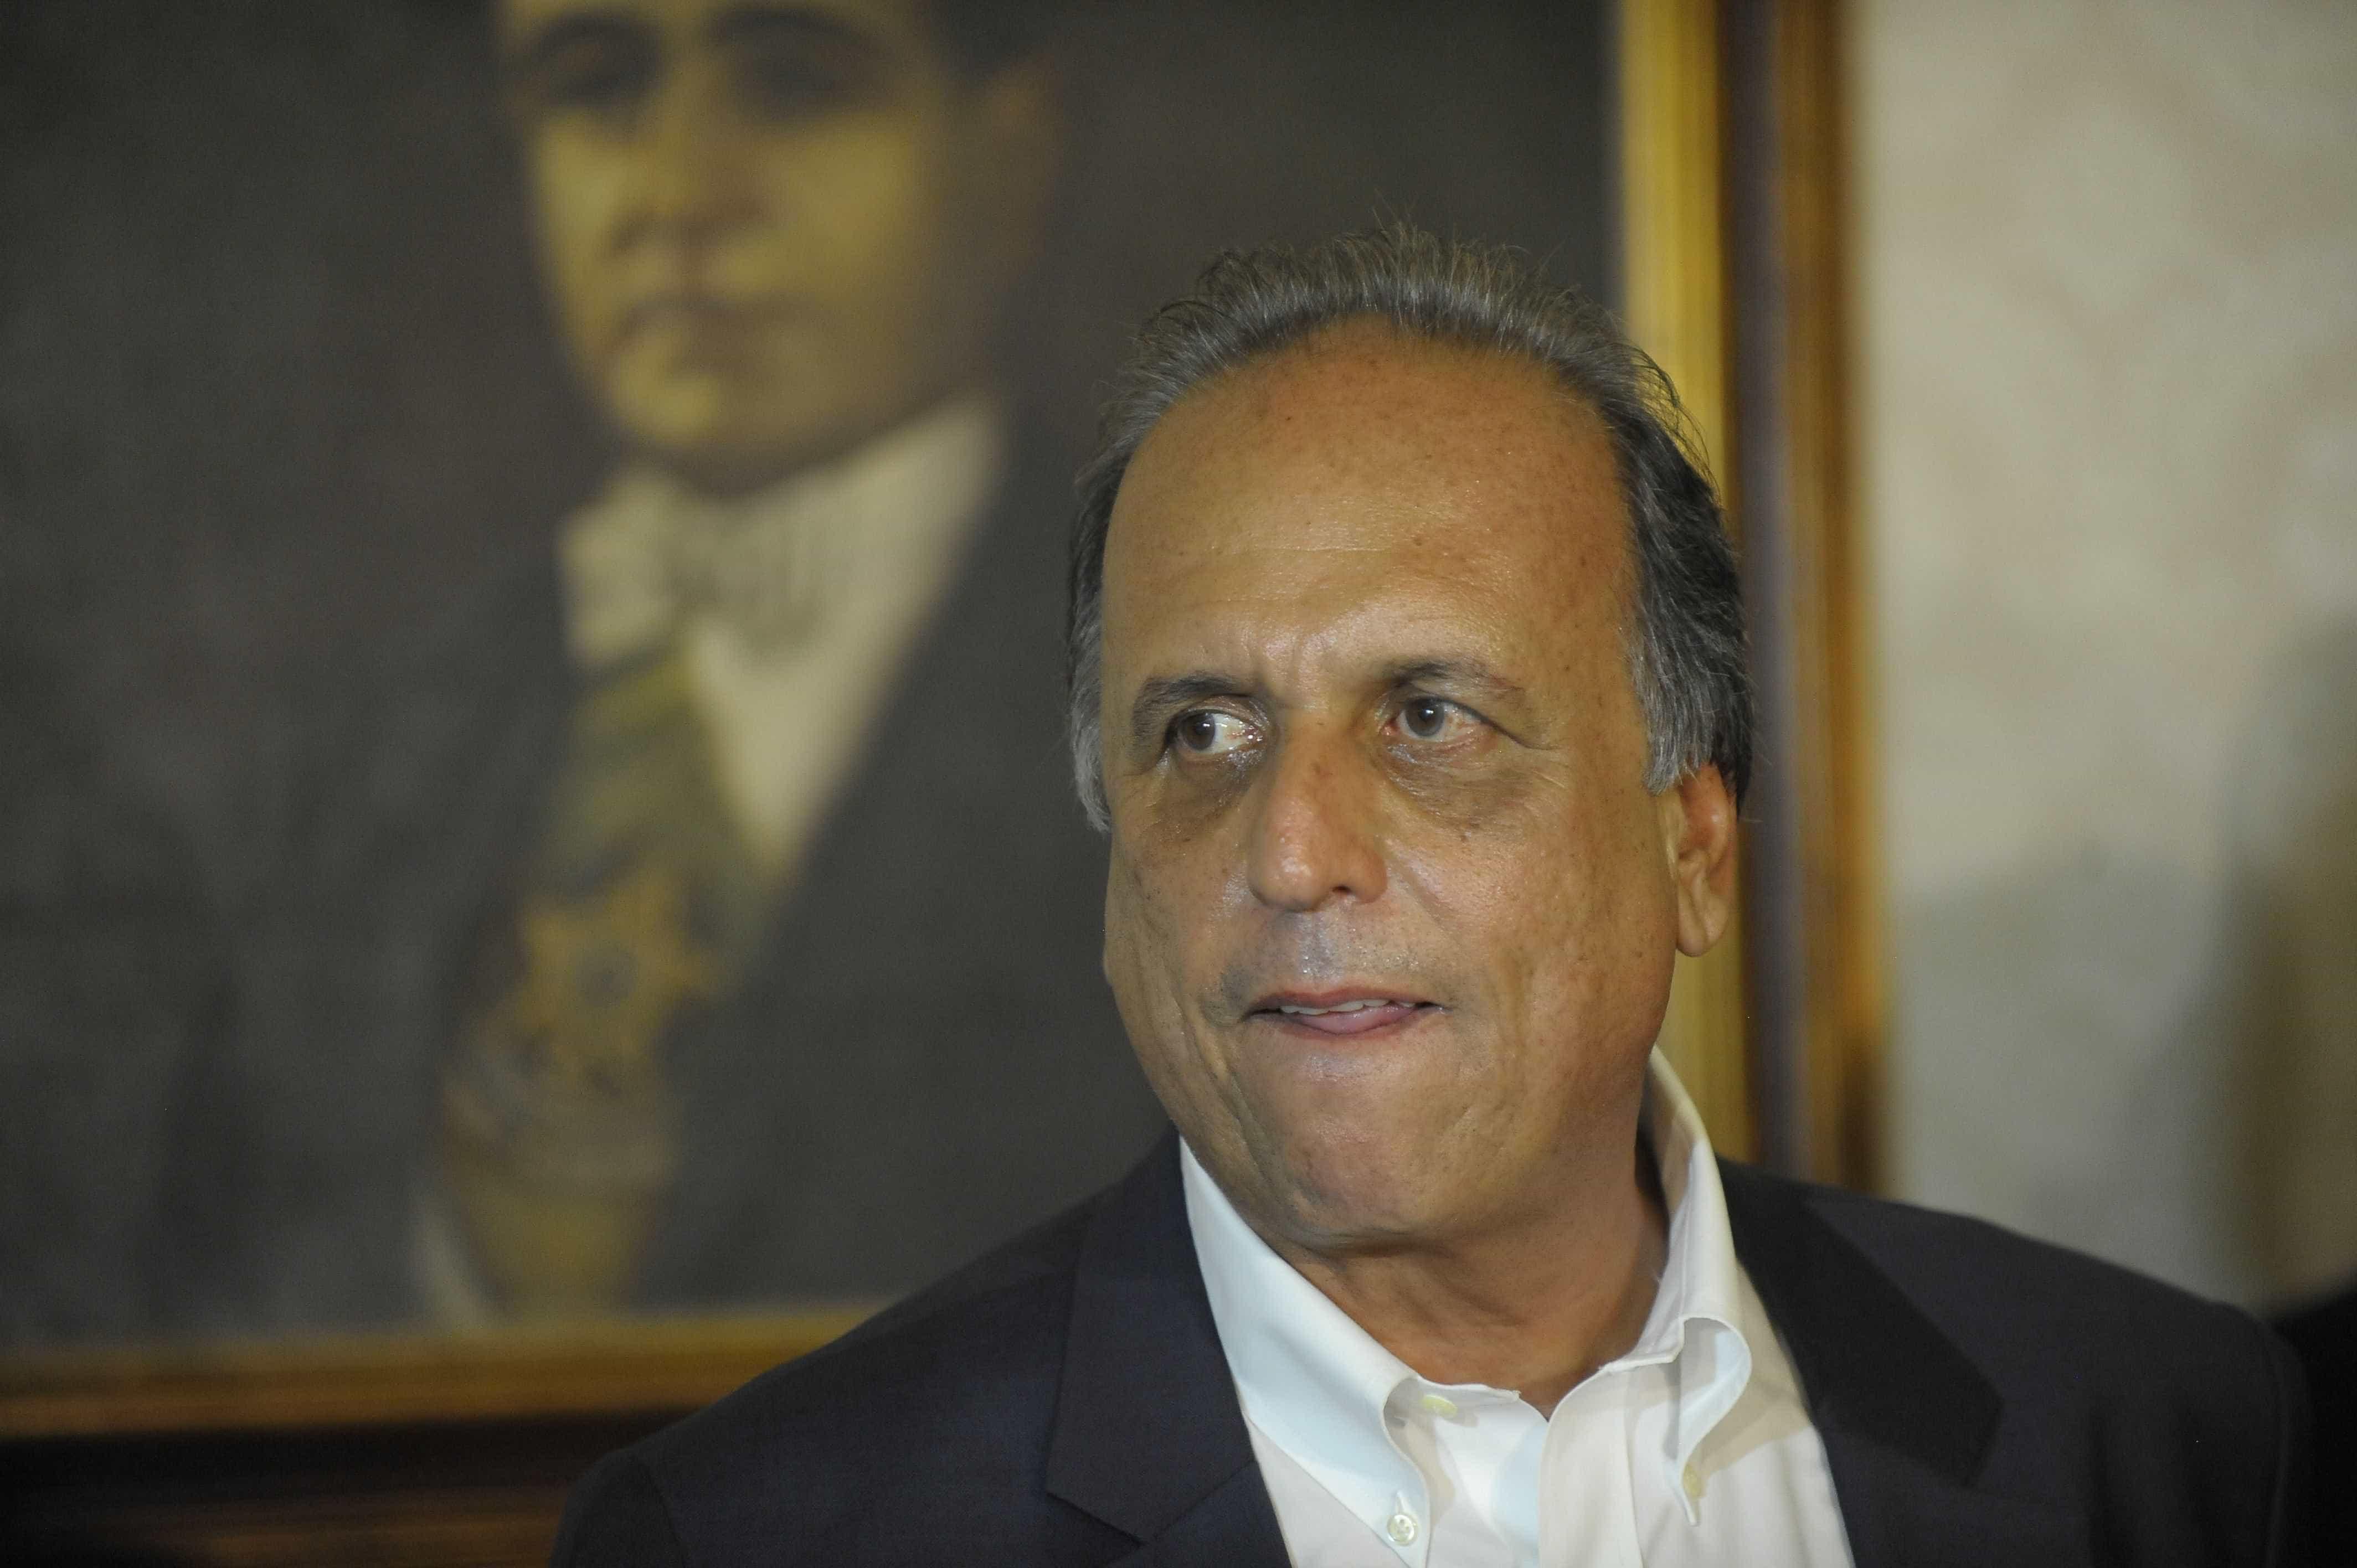 Justiça bloqueia R$ 45 milhões de Pezão, ex-governador do RJ